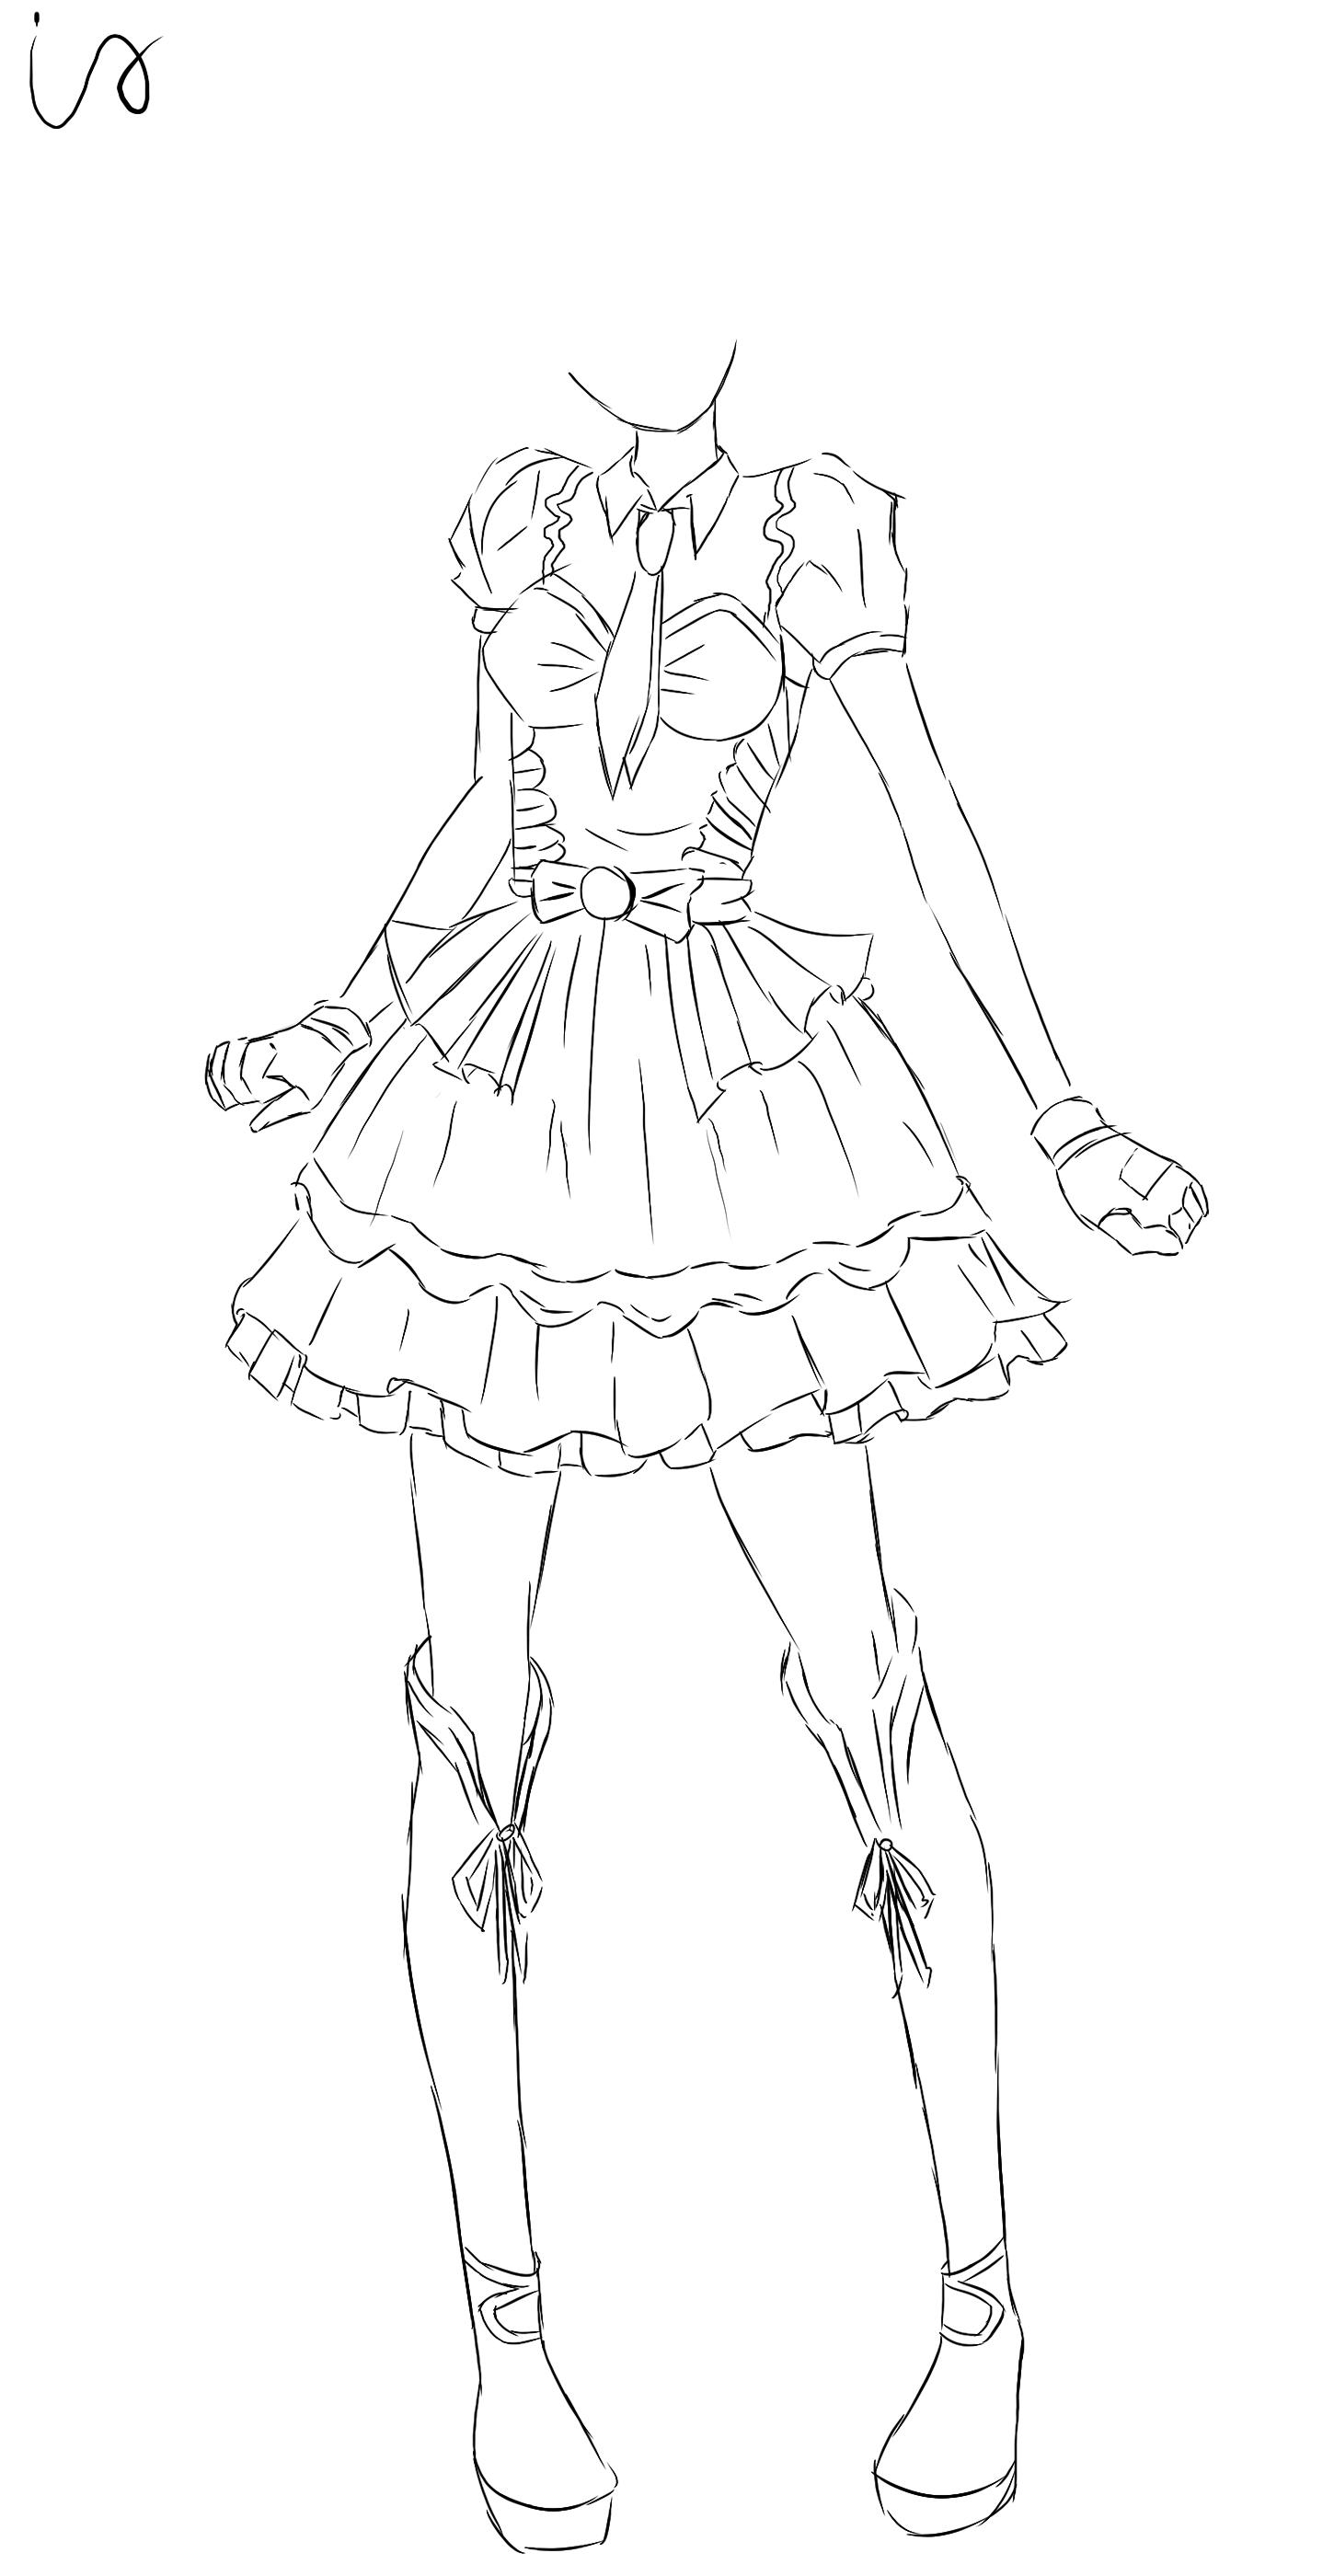 Oc aikatsu girl by bukatyan on deviantart for Sketch it online